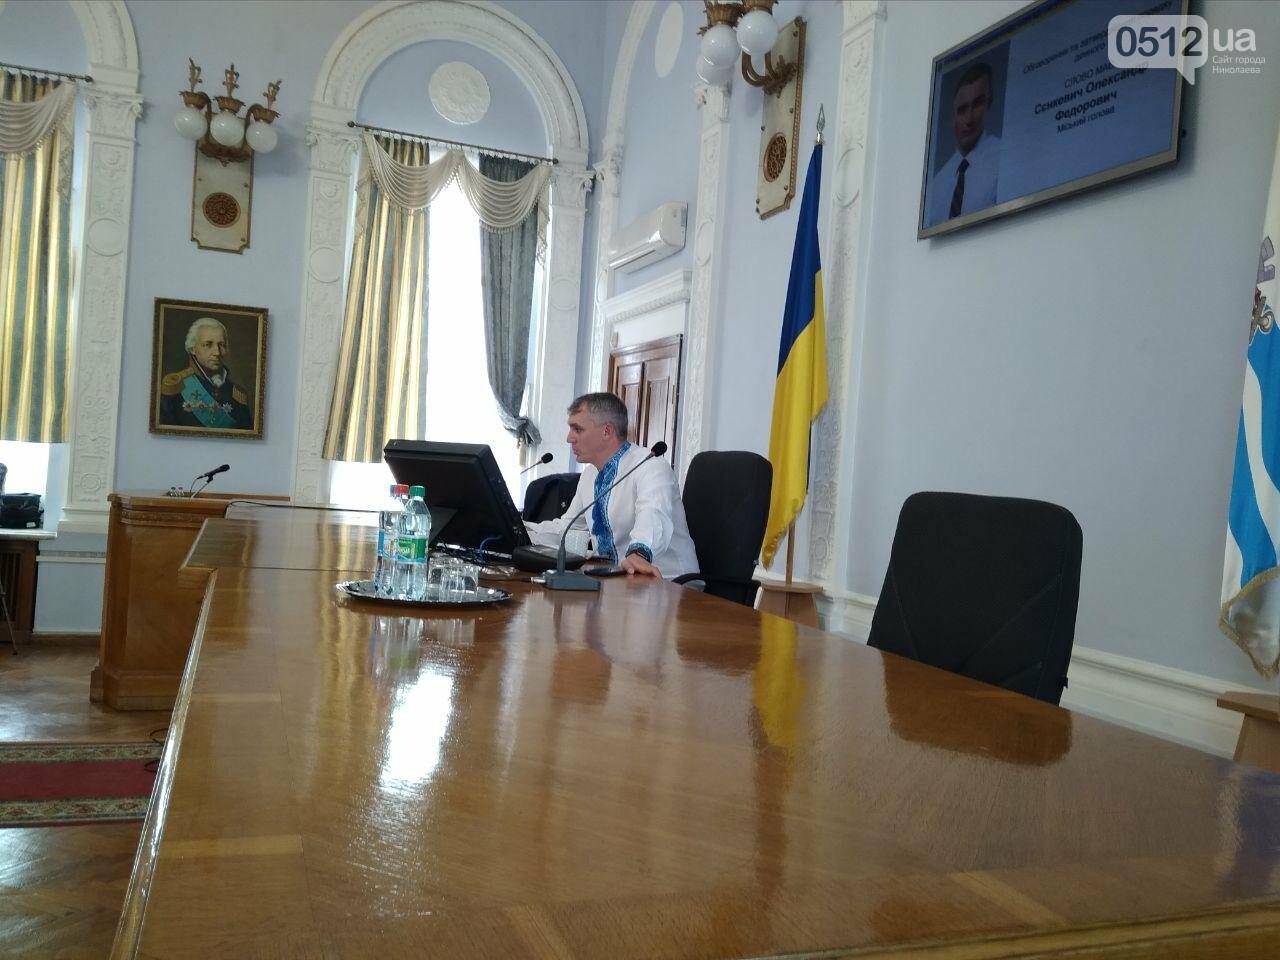 В Николаеве началась сессия горсовета, - ОНЛАЙН ТРАНСЛЯЦИЯ , фото-1